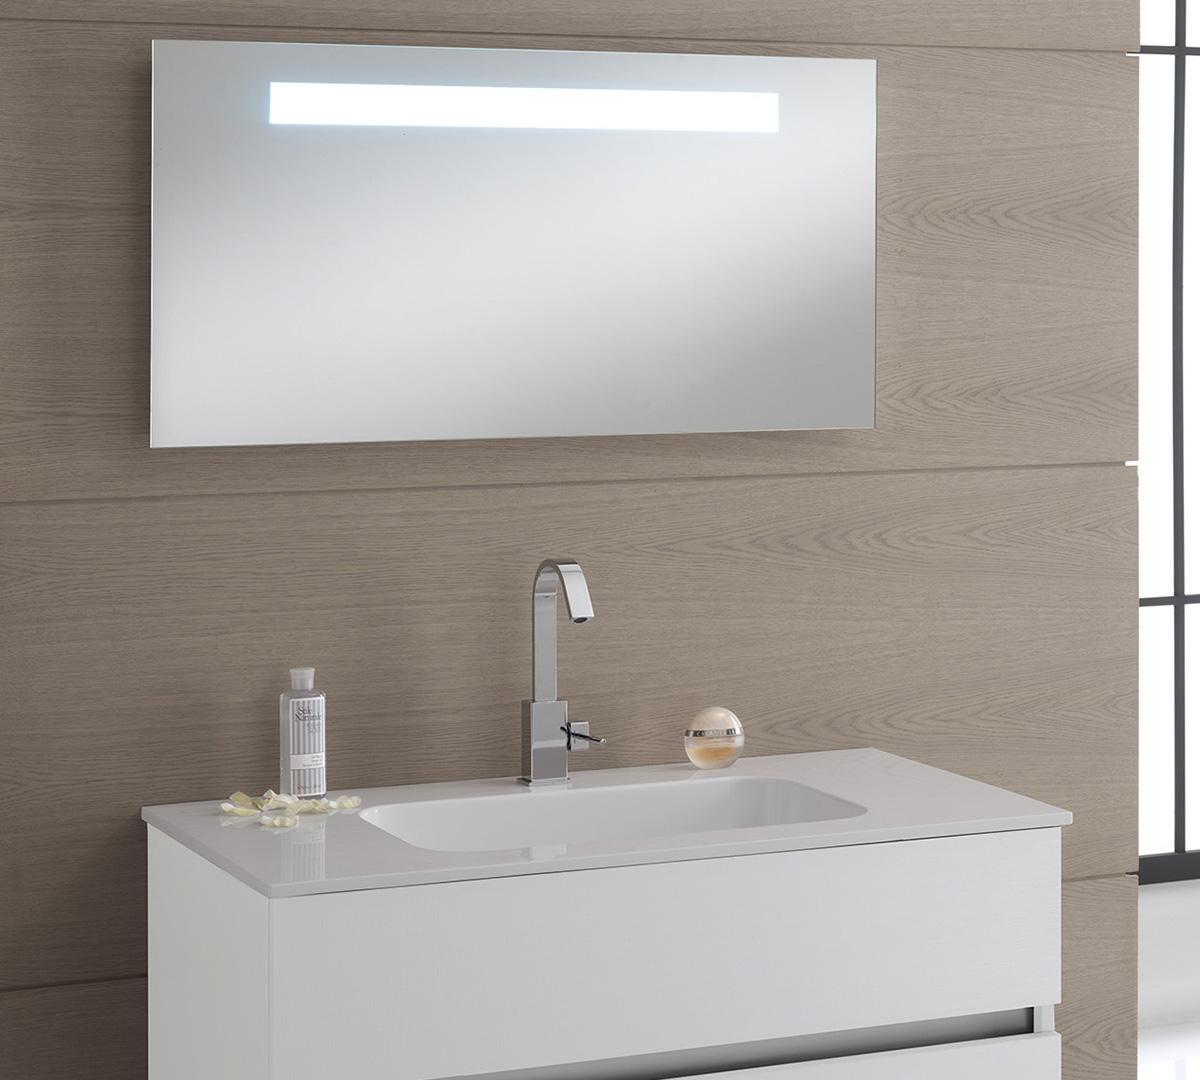 Specchio retroilluminato axel fj608 duzzle - Specchio retroilluminato ...